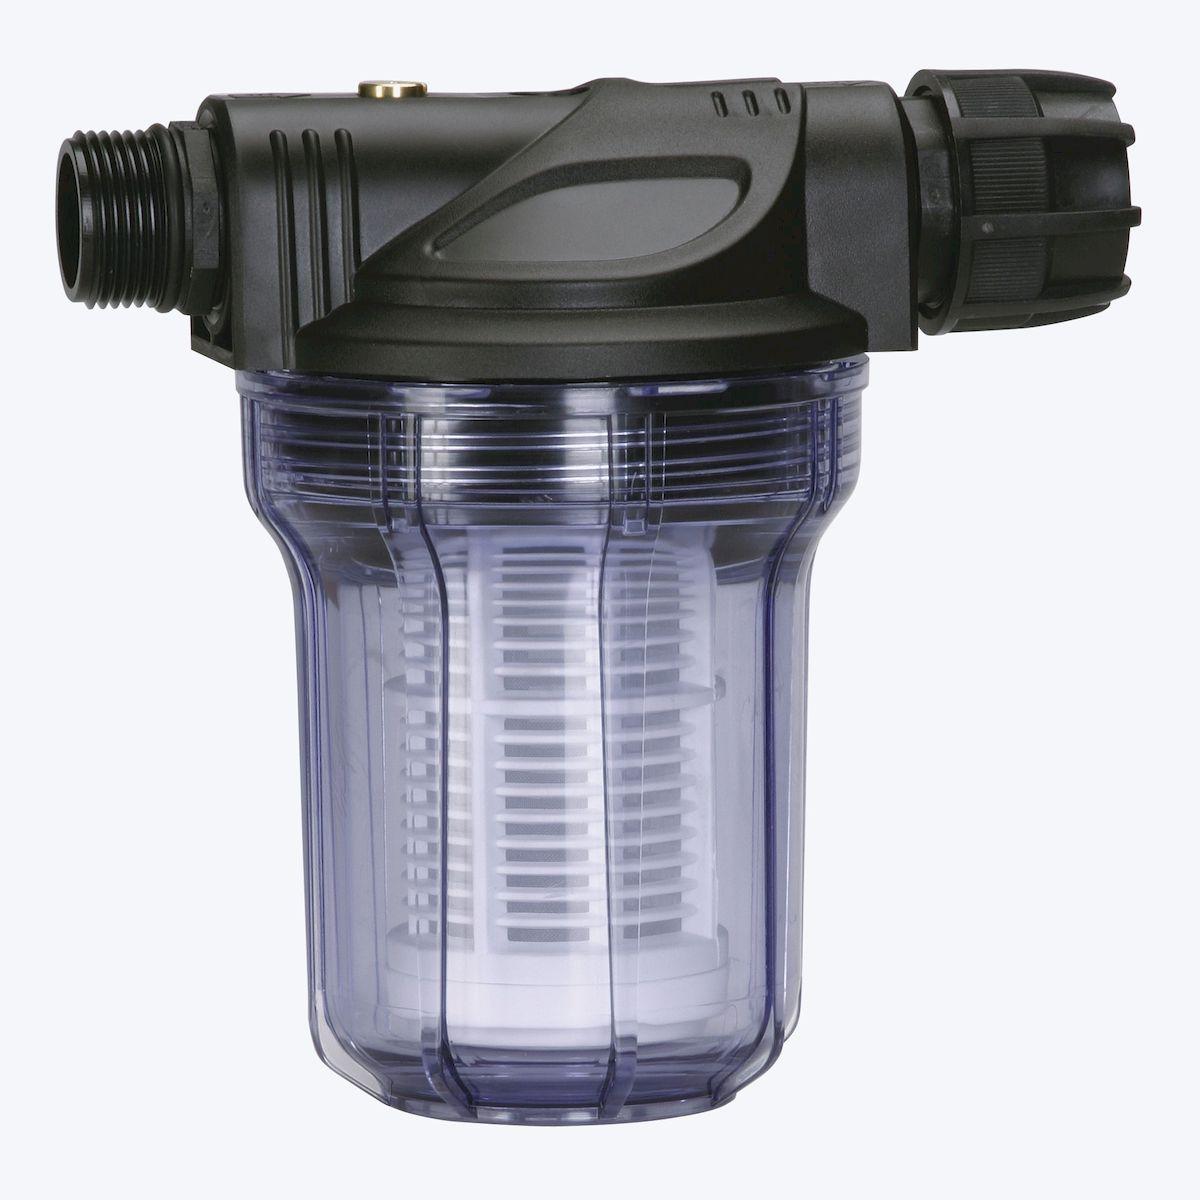 Фильтр предварительной очистки Gardena  до 3000 л/ч2.645-281.0Фильтр предварительной очистки Gardena  защищает насос от мелких и крупных загрязняющих частиц, обеспечивая тем самым бесперебойность его работы и особенно рекомендован к использованию при перекачивании сред, содержащих песок.Просто установите фильтр предварительной очистки между садовым насосом, станцией автоматического водоснабжения или автоматическим напорным насосом и заборным шлангом. Быстросъемный фильтр легко чистится.Фильтр снабжен резьбой 33,3 мм (G 1) и рассчитан на расход воды до 3000 л/ч.